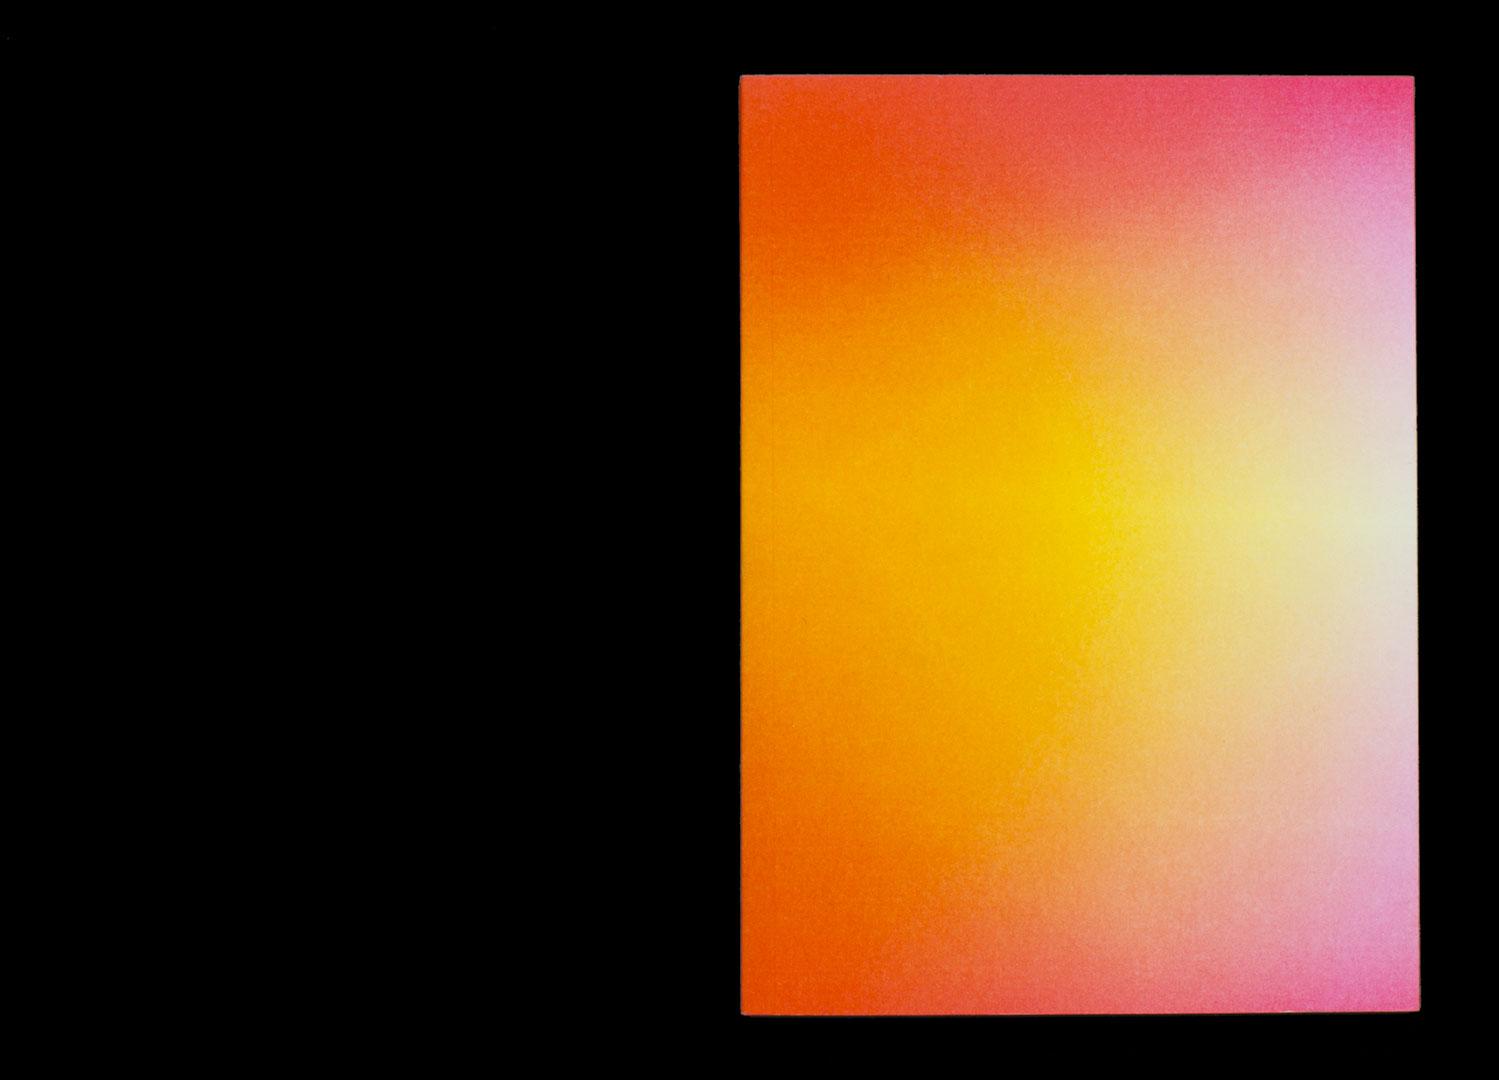 Stéphanie Gygax – Solid Sunbeam